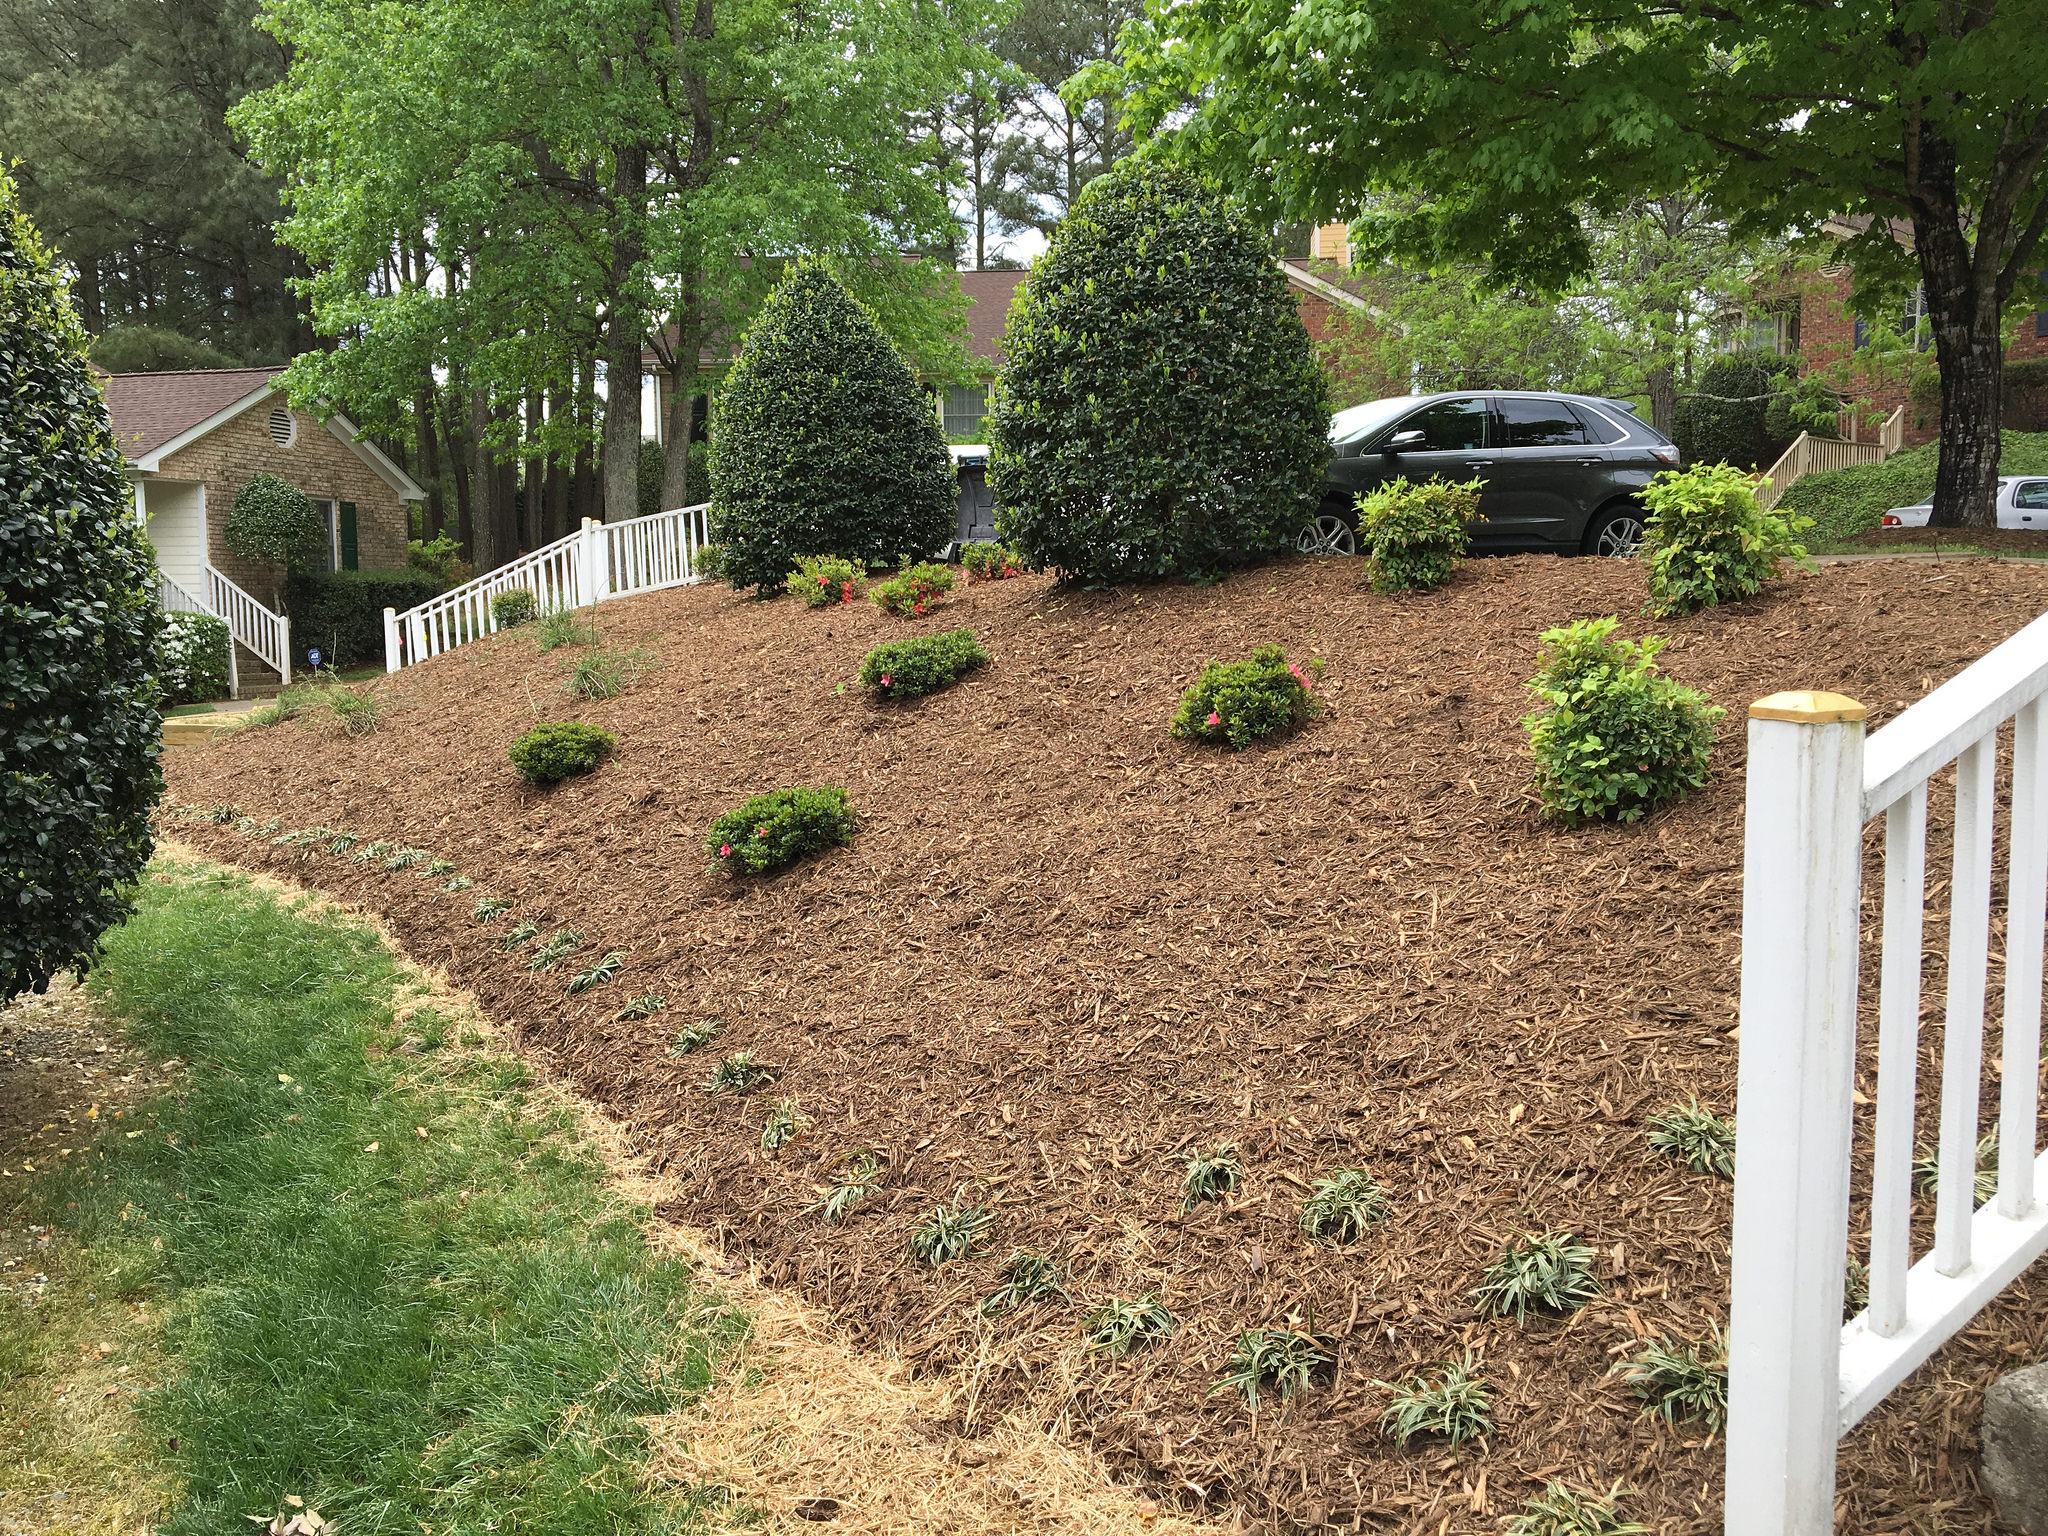 Fresh new plantings on hillside.